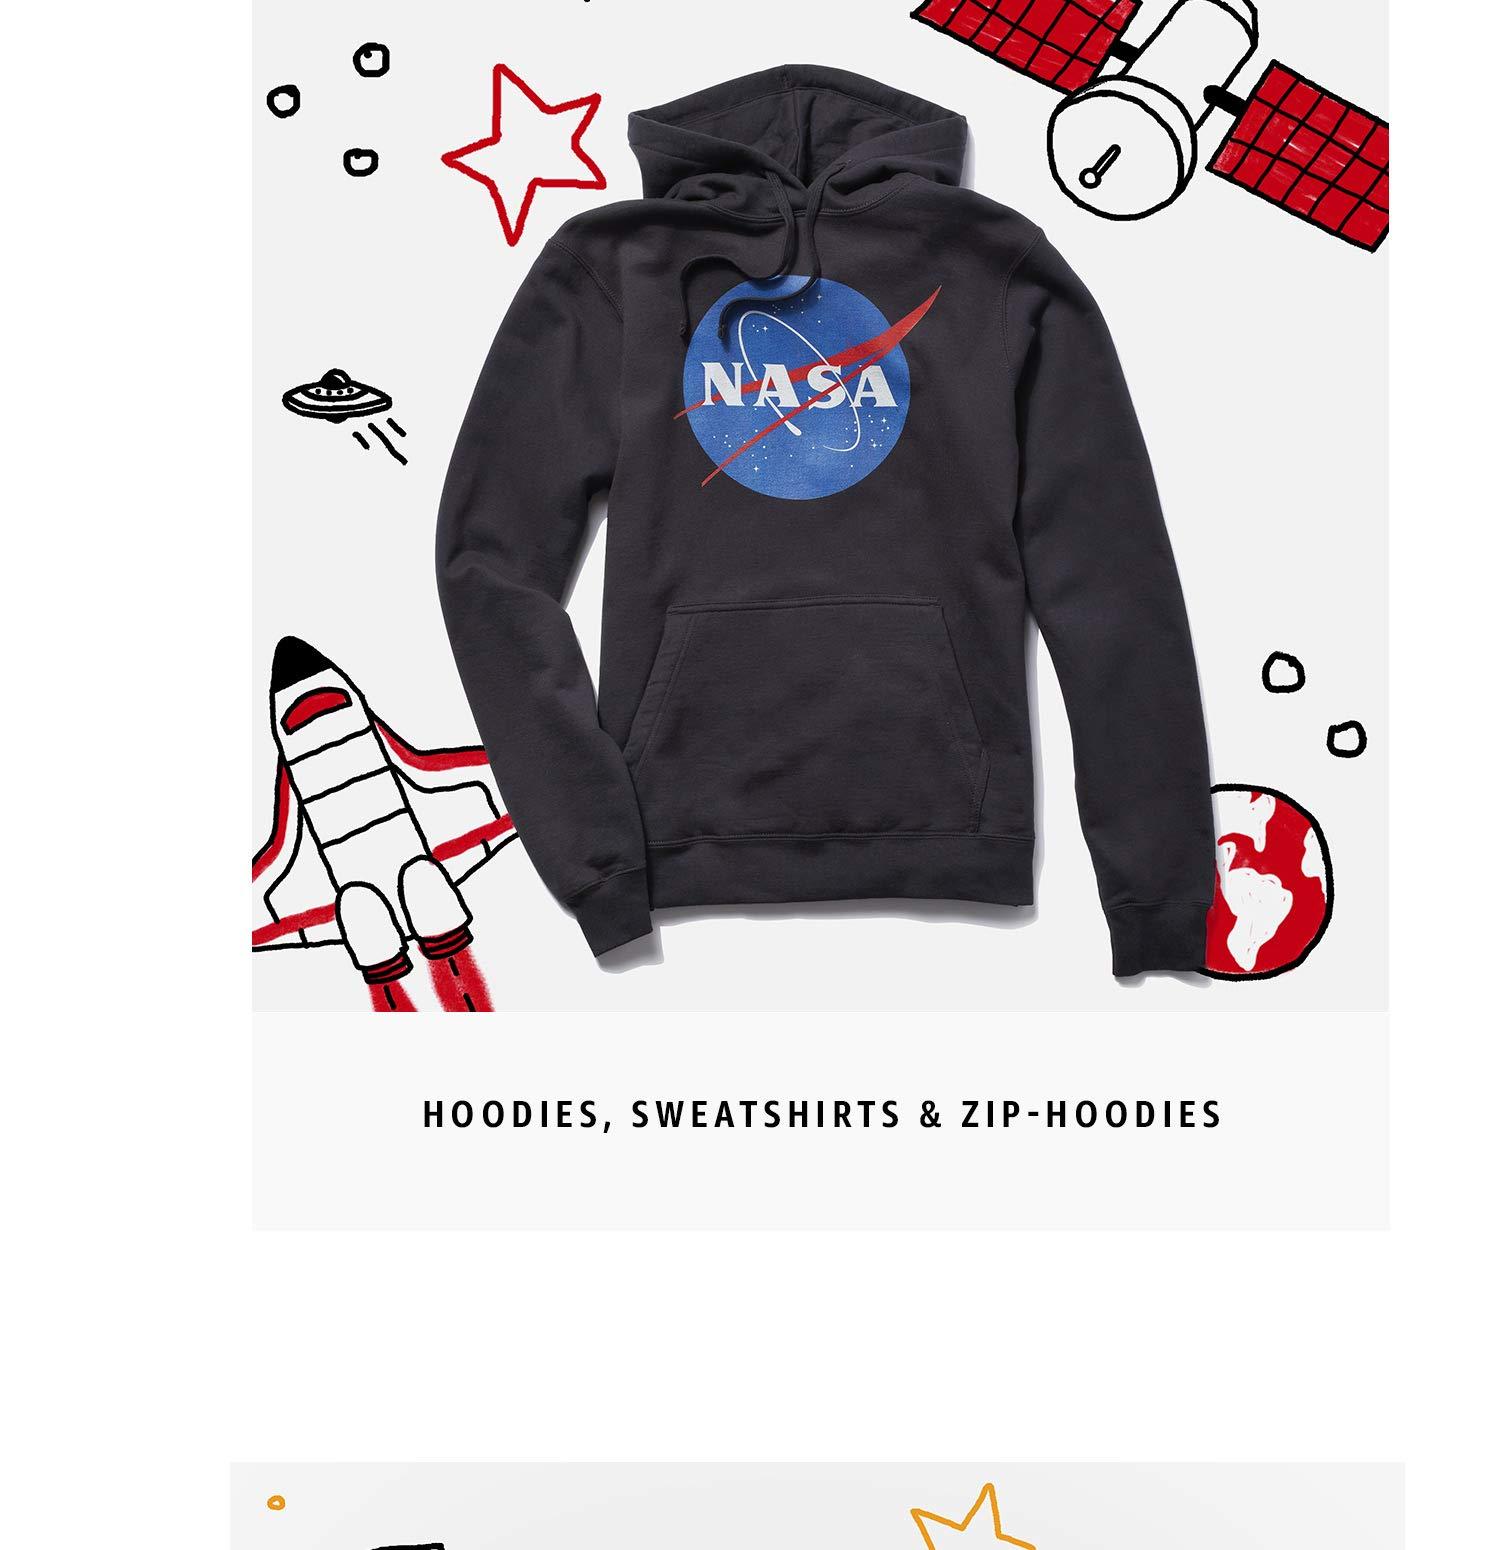 Hoodies, Sweatshirts & Zip-Hoodies